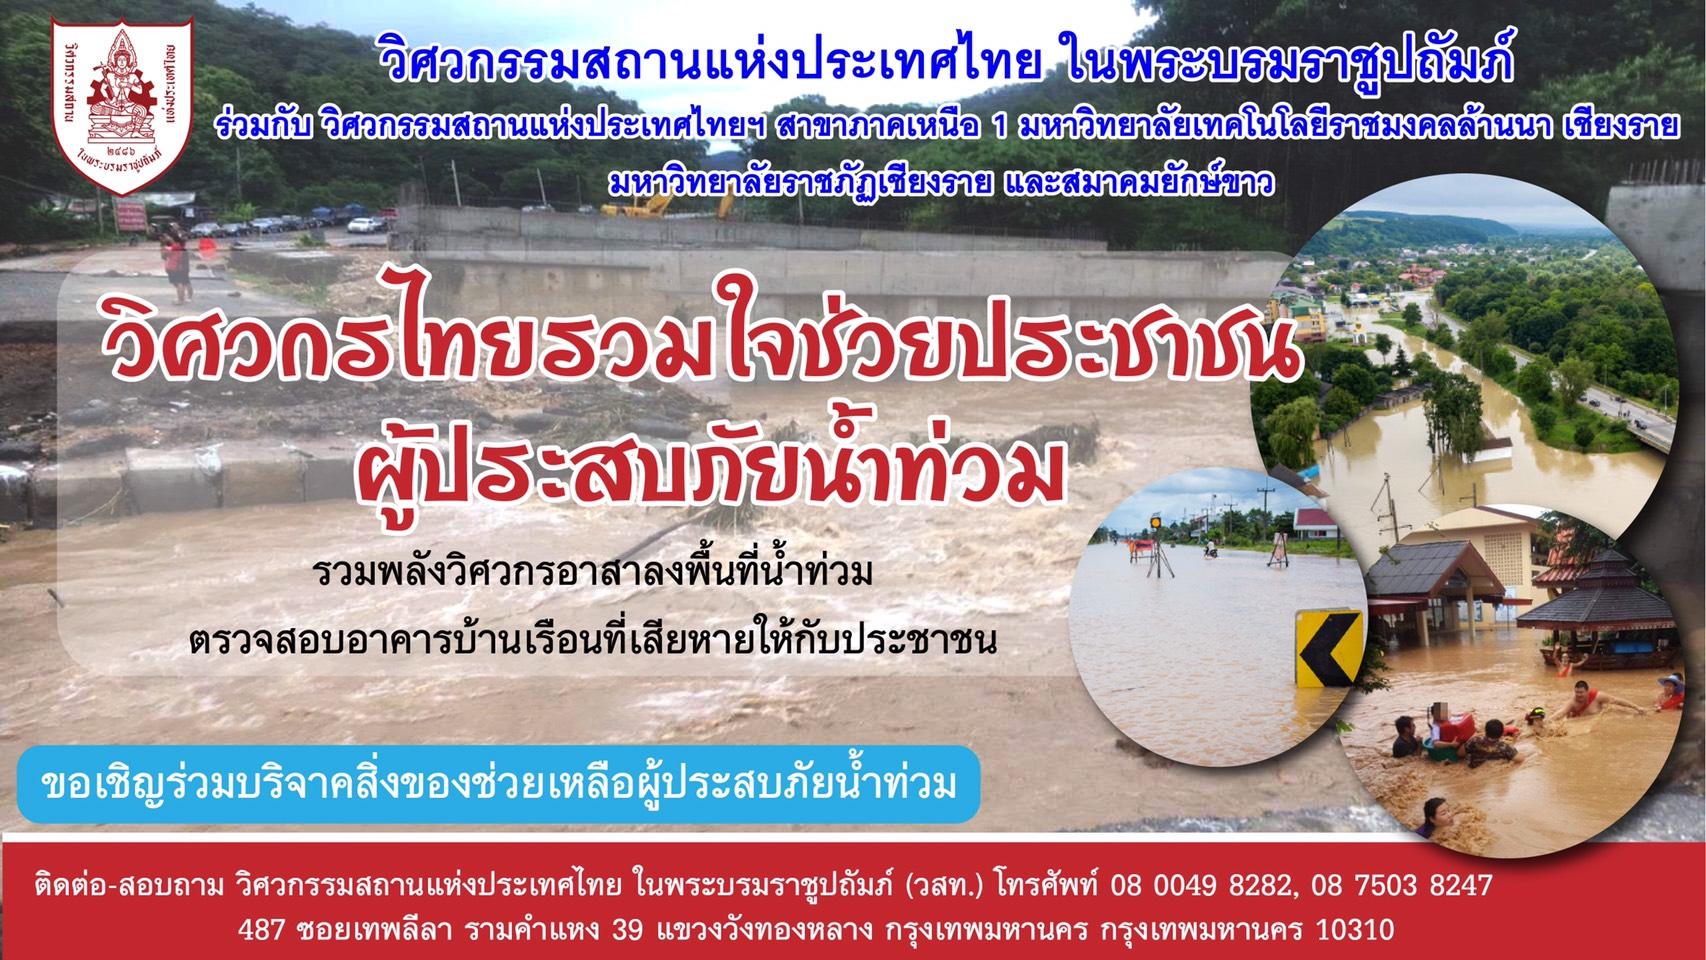 วิศวกรไทยรวมใจช่วยประชาชน ผู้ประสบภัยน้ำท่วม